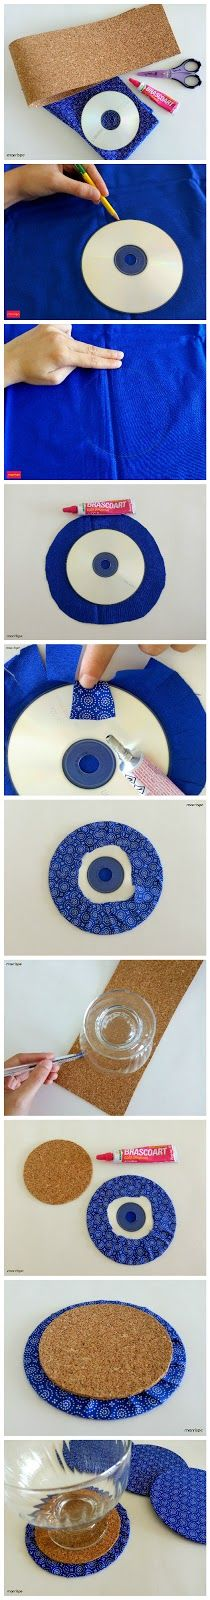 Tutorial de como fazer porta-copos com CDs.  #artesanato #decoracao #portacopos #reciclagem #organizacao #estampa #vidro #cd #tutorial #diy #handmade #dica #ideia #sustentavel #marrispe